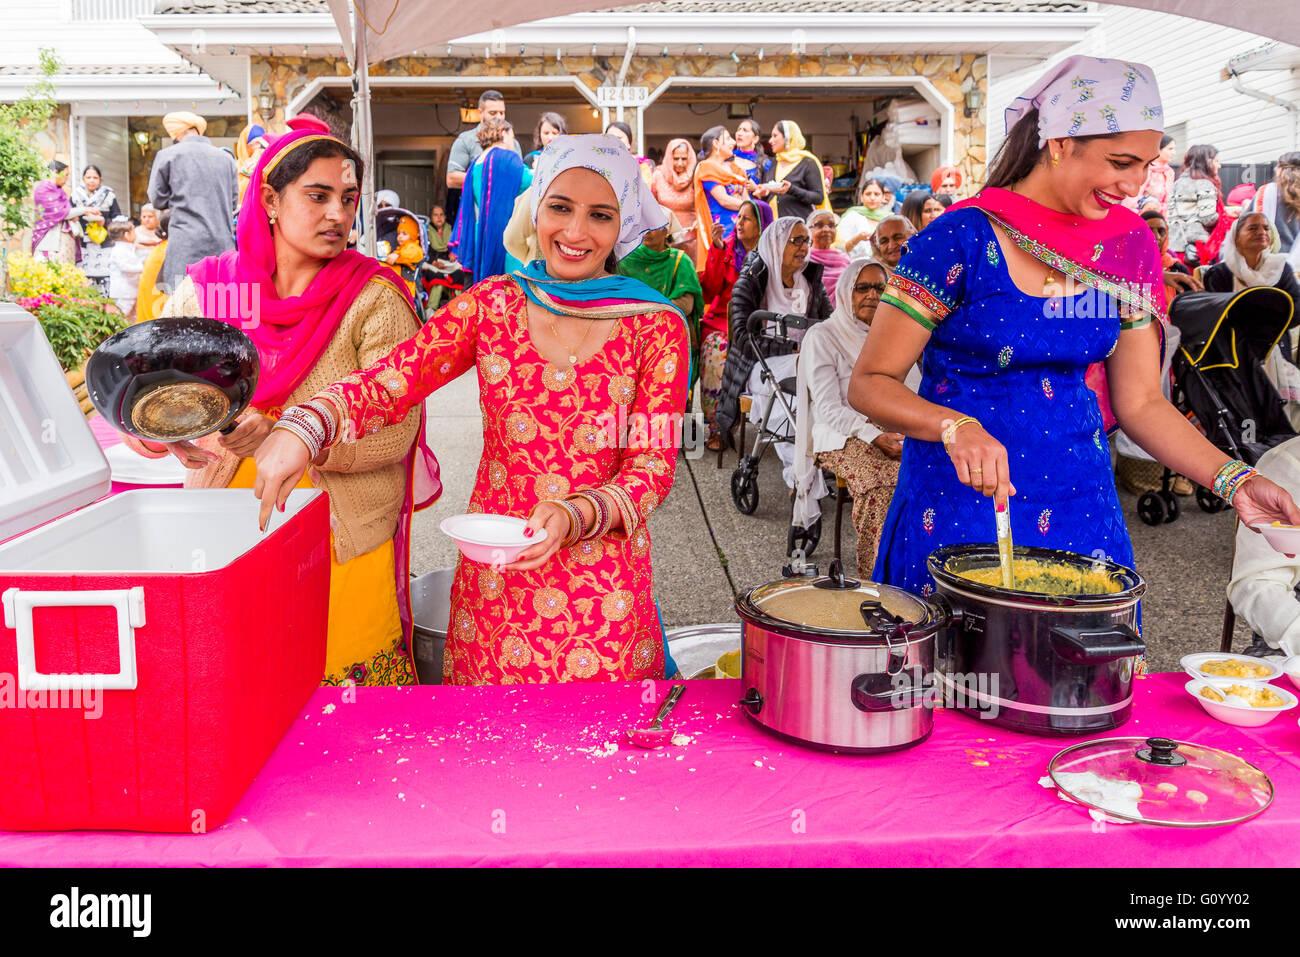 Kostenlose Verpflegung ist glücklich auf Vaisakhi Parade und feiern, Surrey, British Columbia, Kanada verzichtet, Stockbild